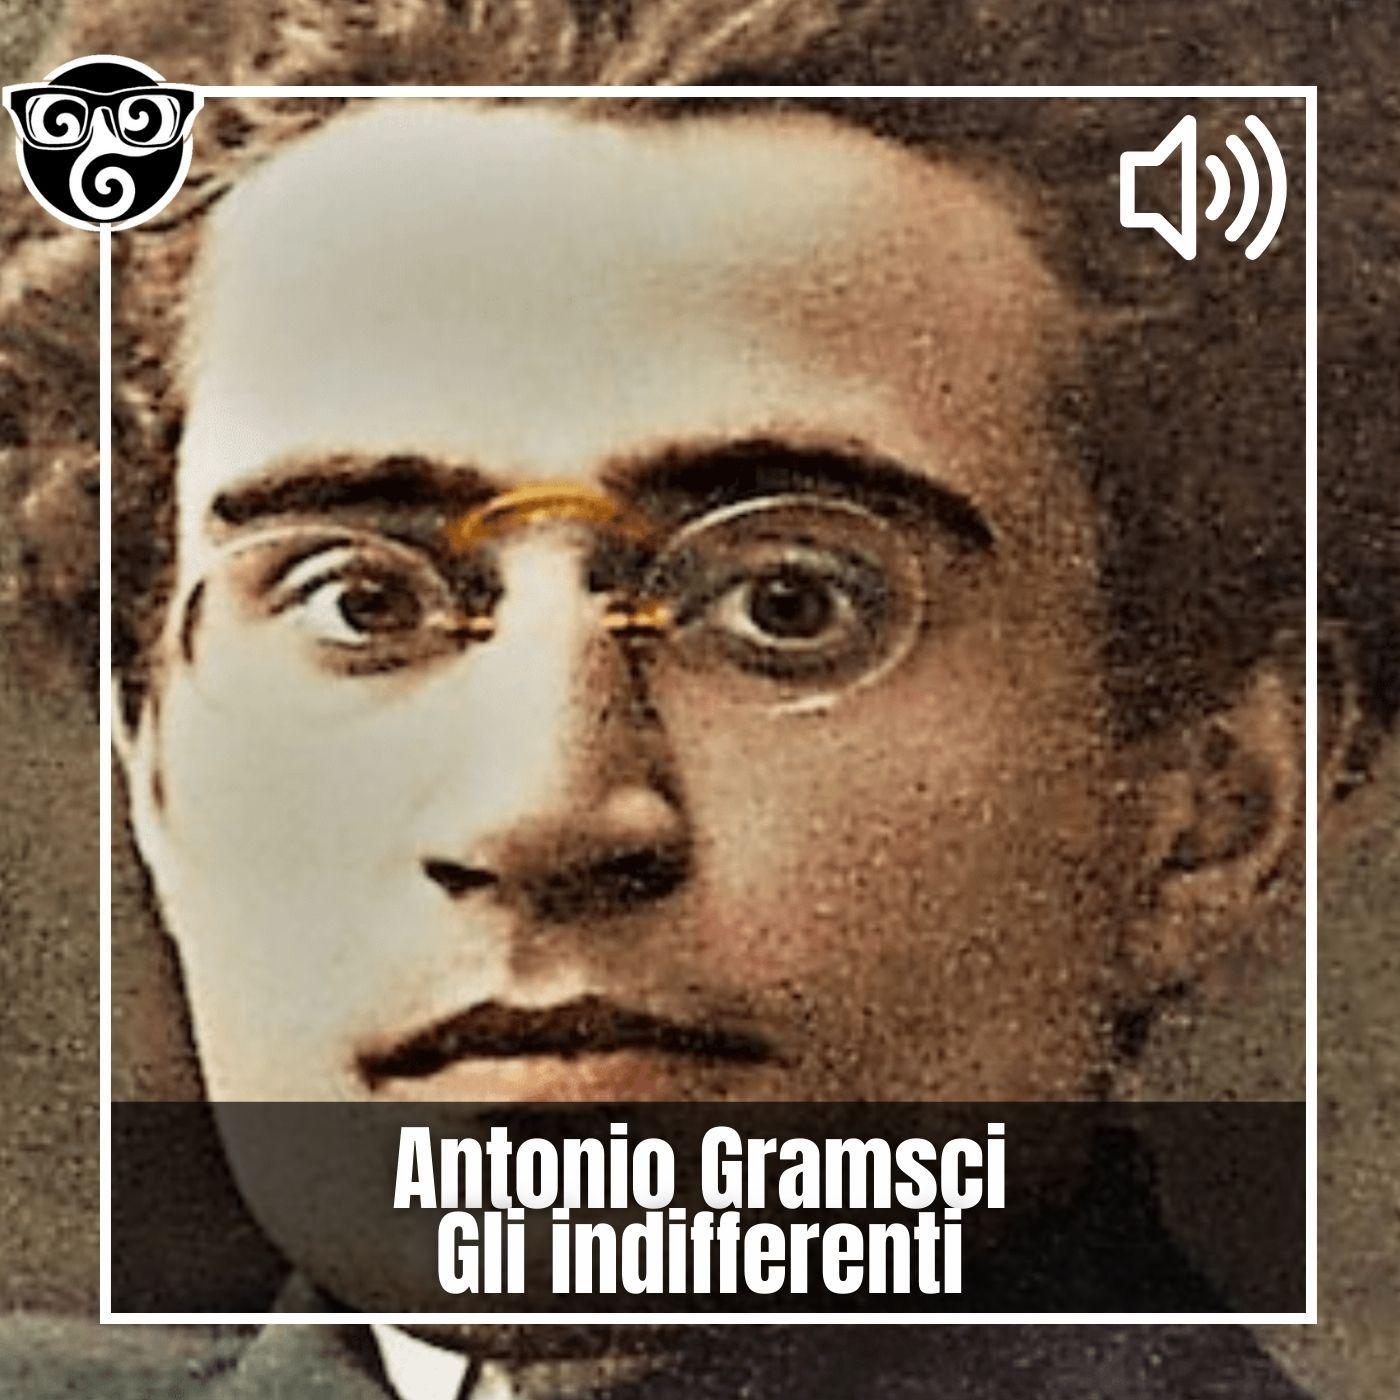 Antonio Gramsci - Gli indifferenti